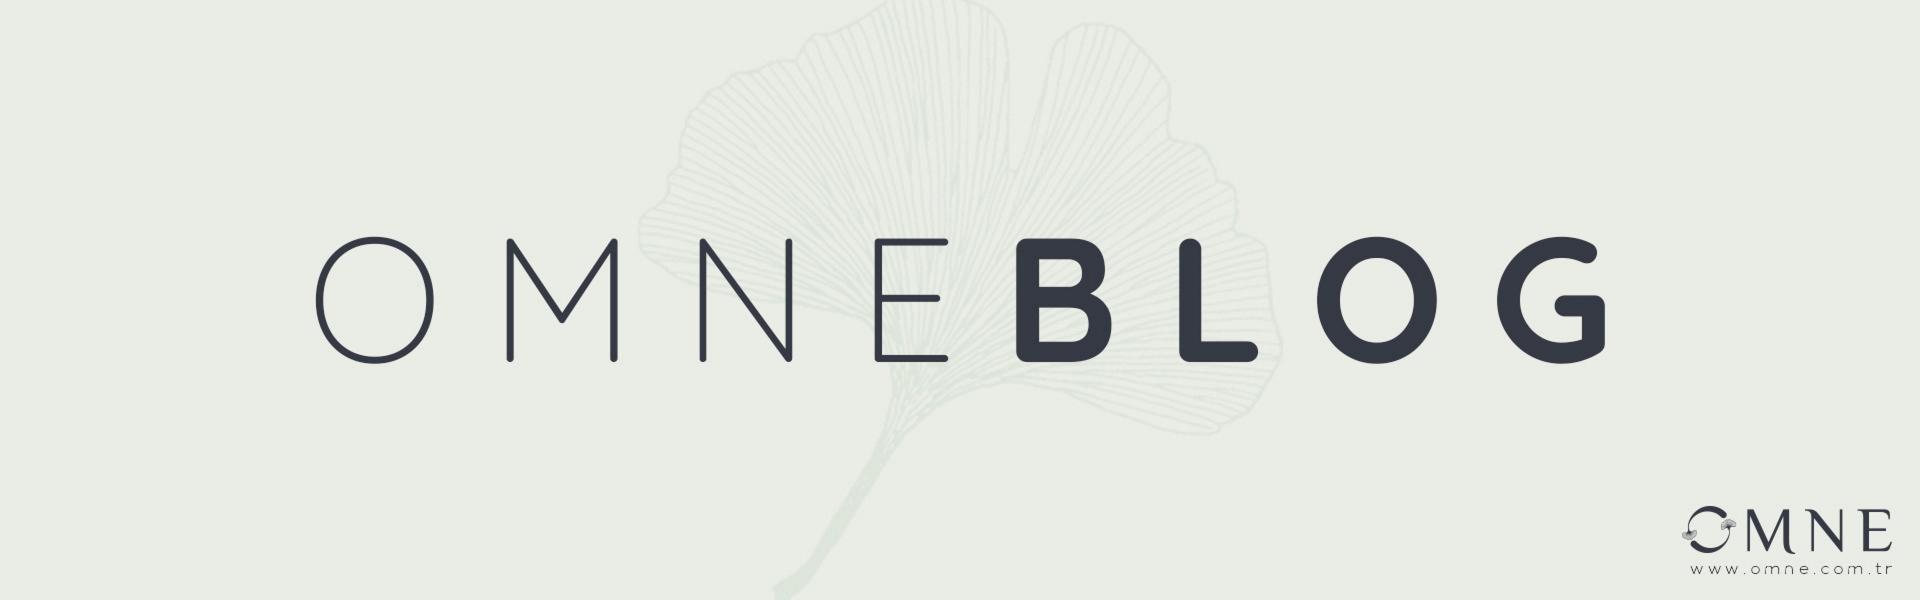 Omne Blog